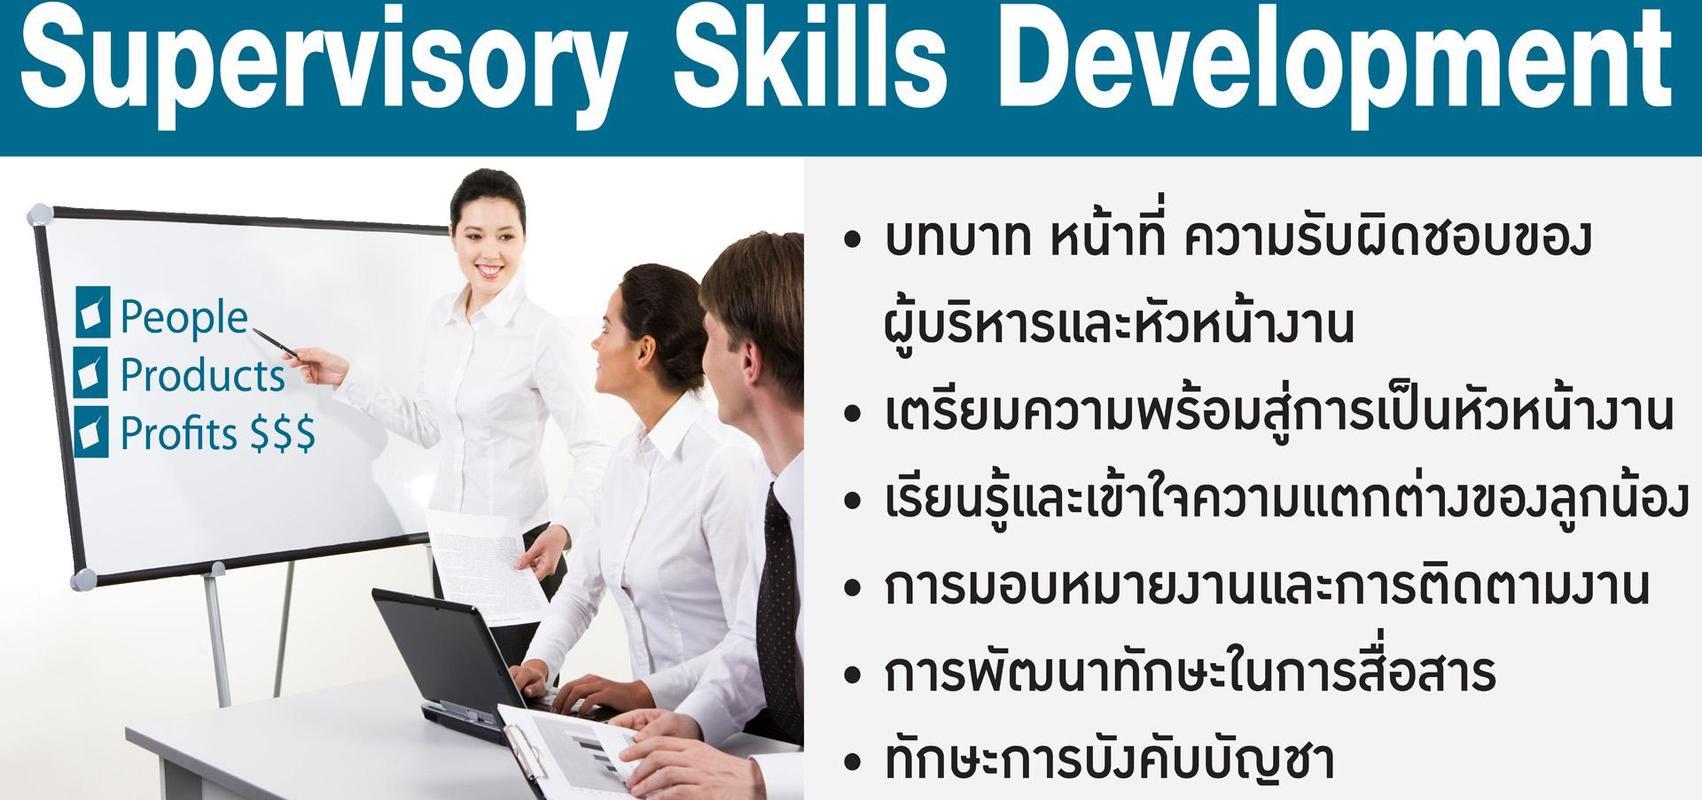 Supervisory skills development